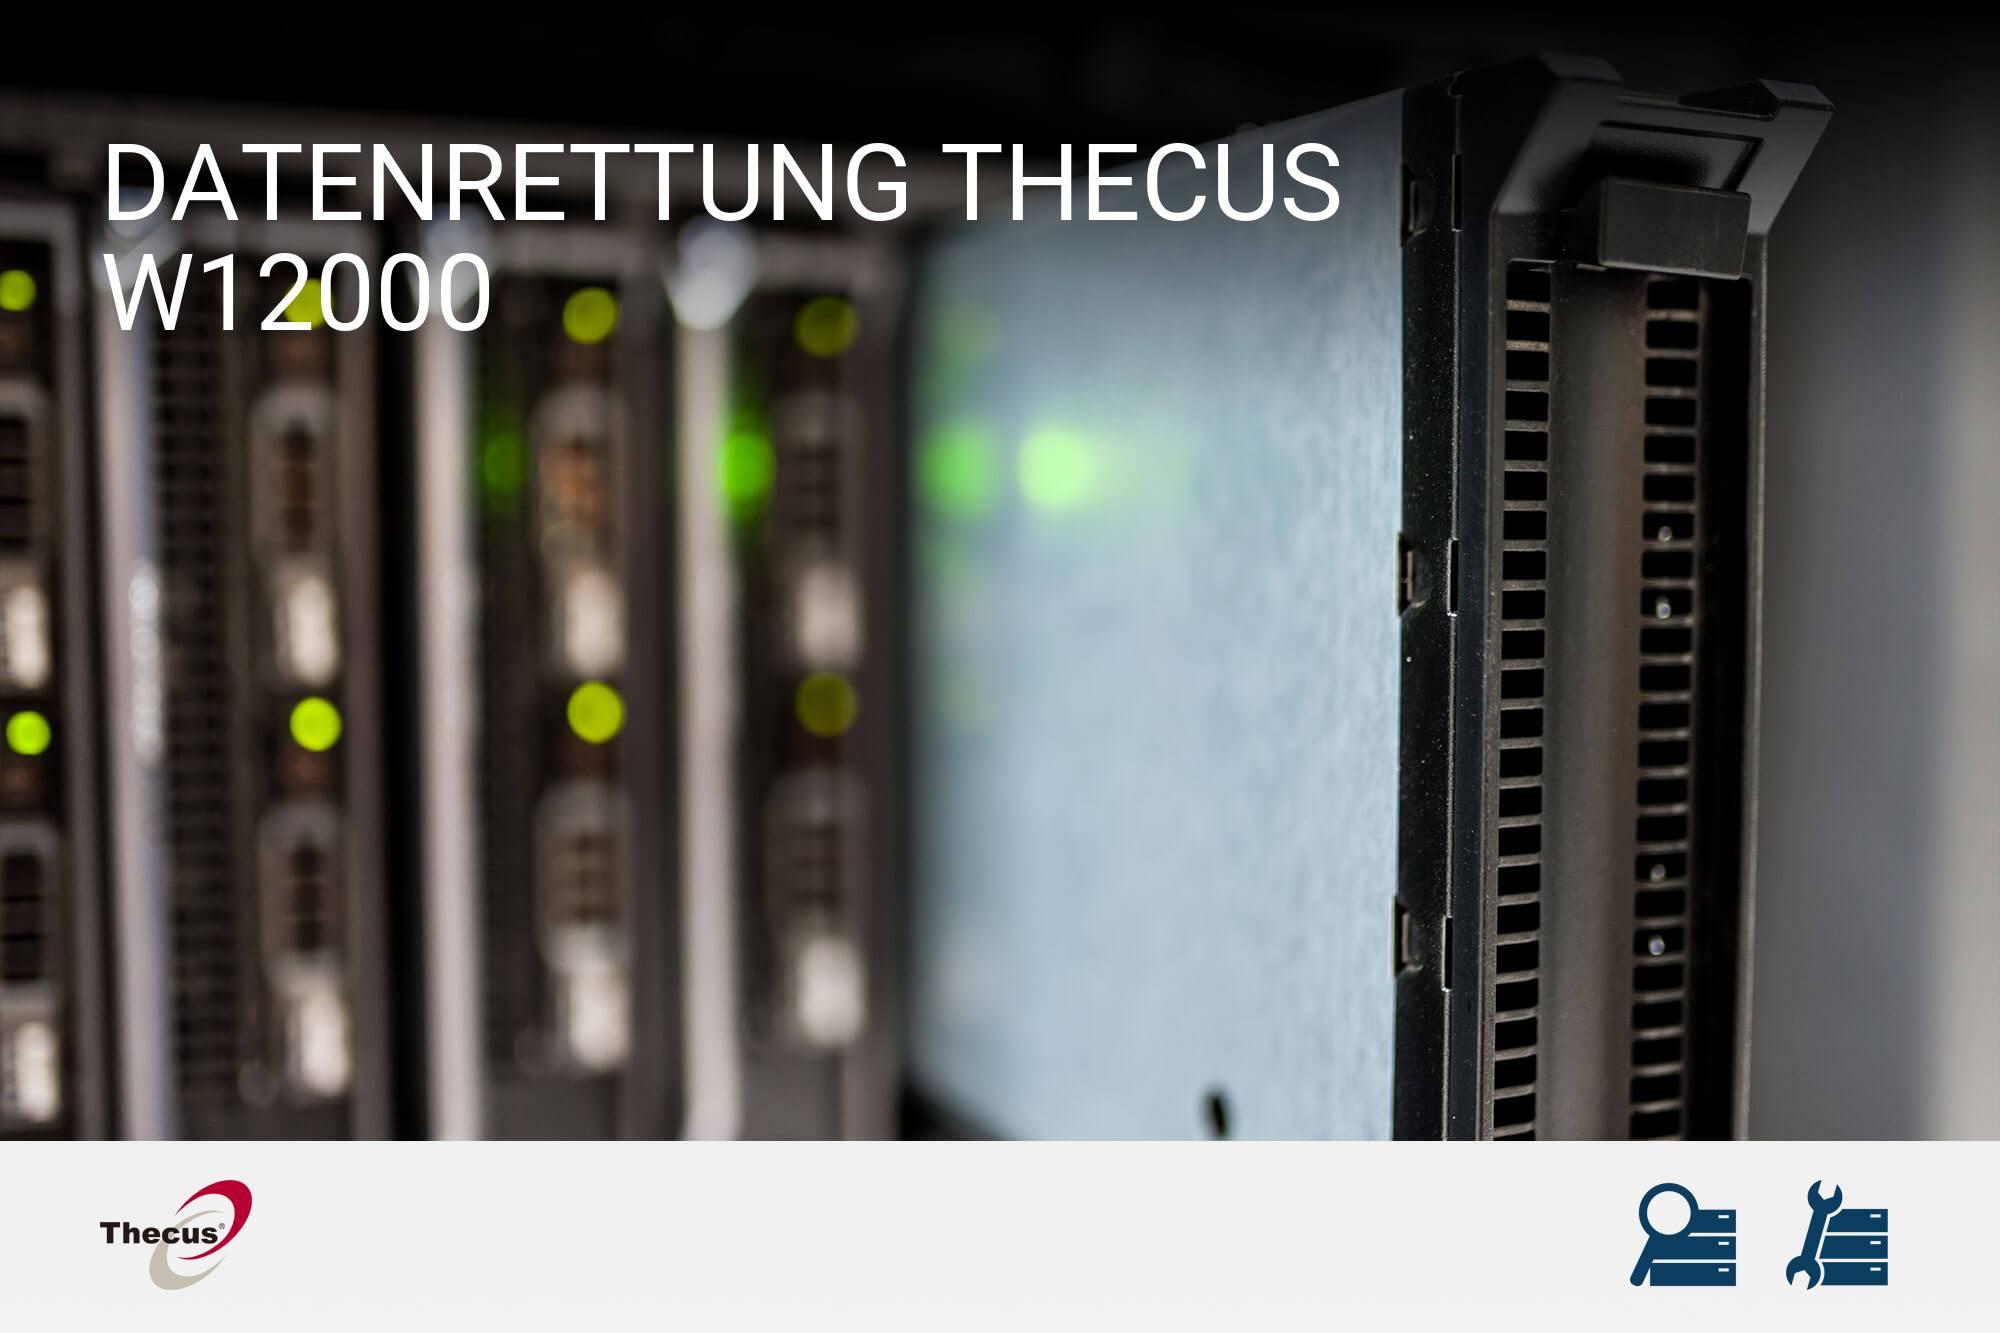 Thecus W12000